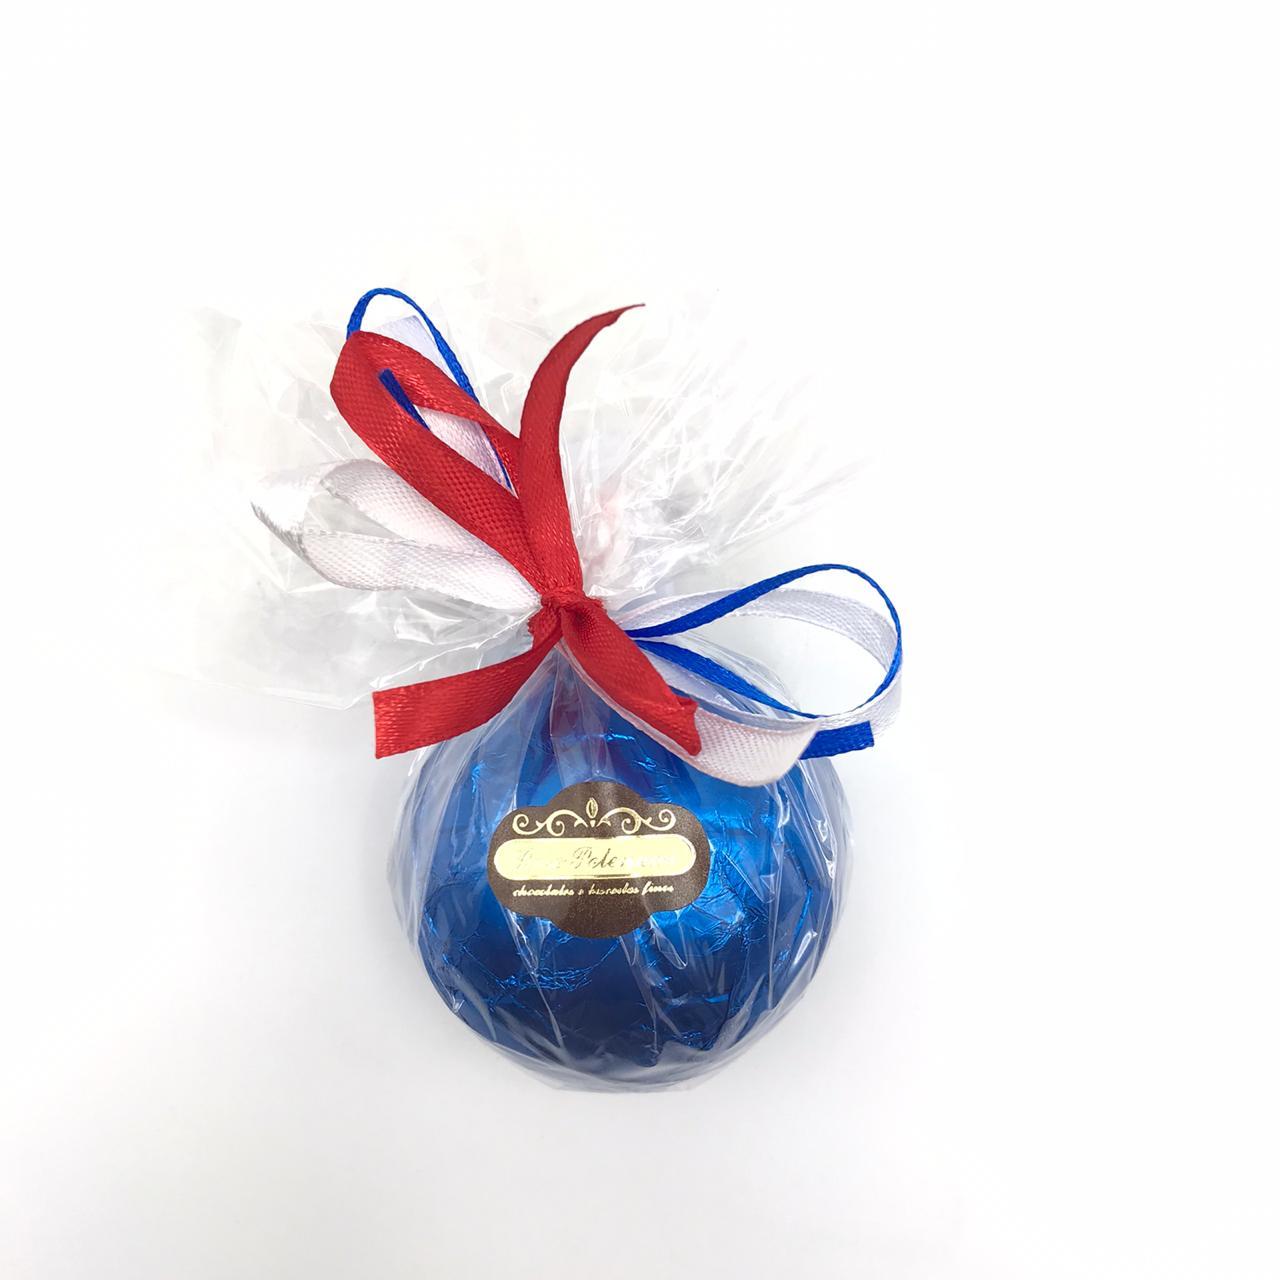 Bola de futebol de chocolate ao Leite Azul